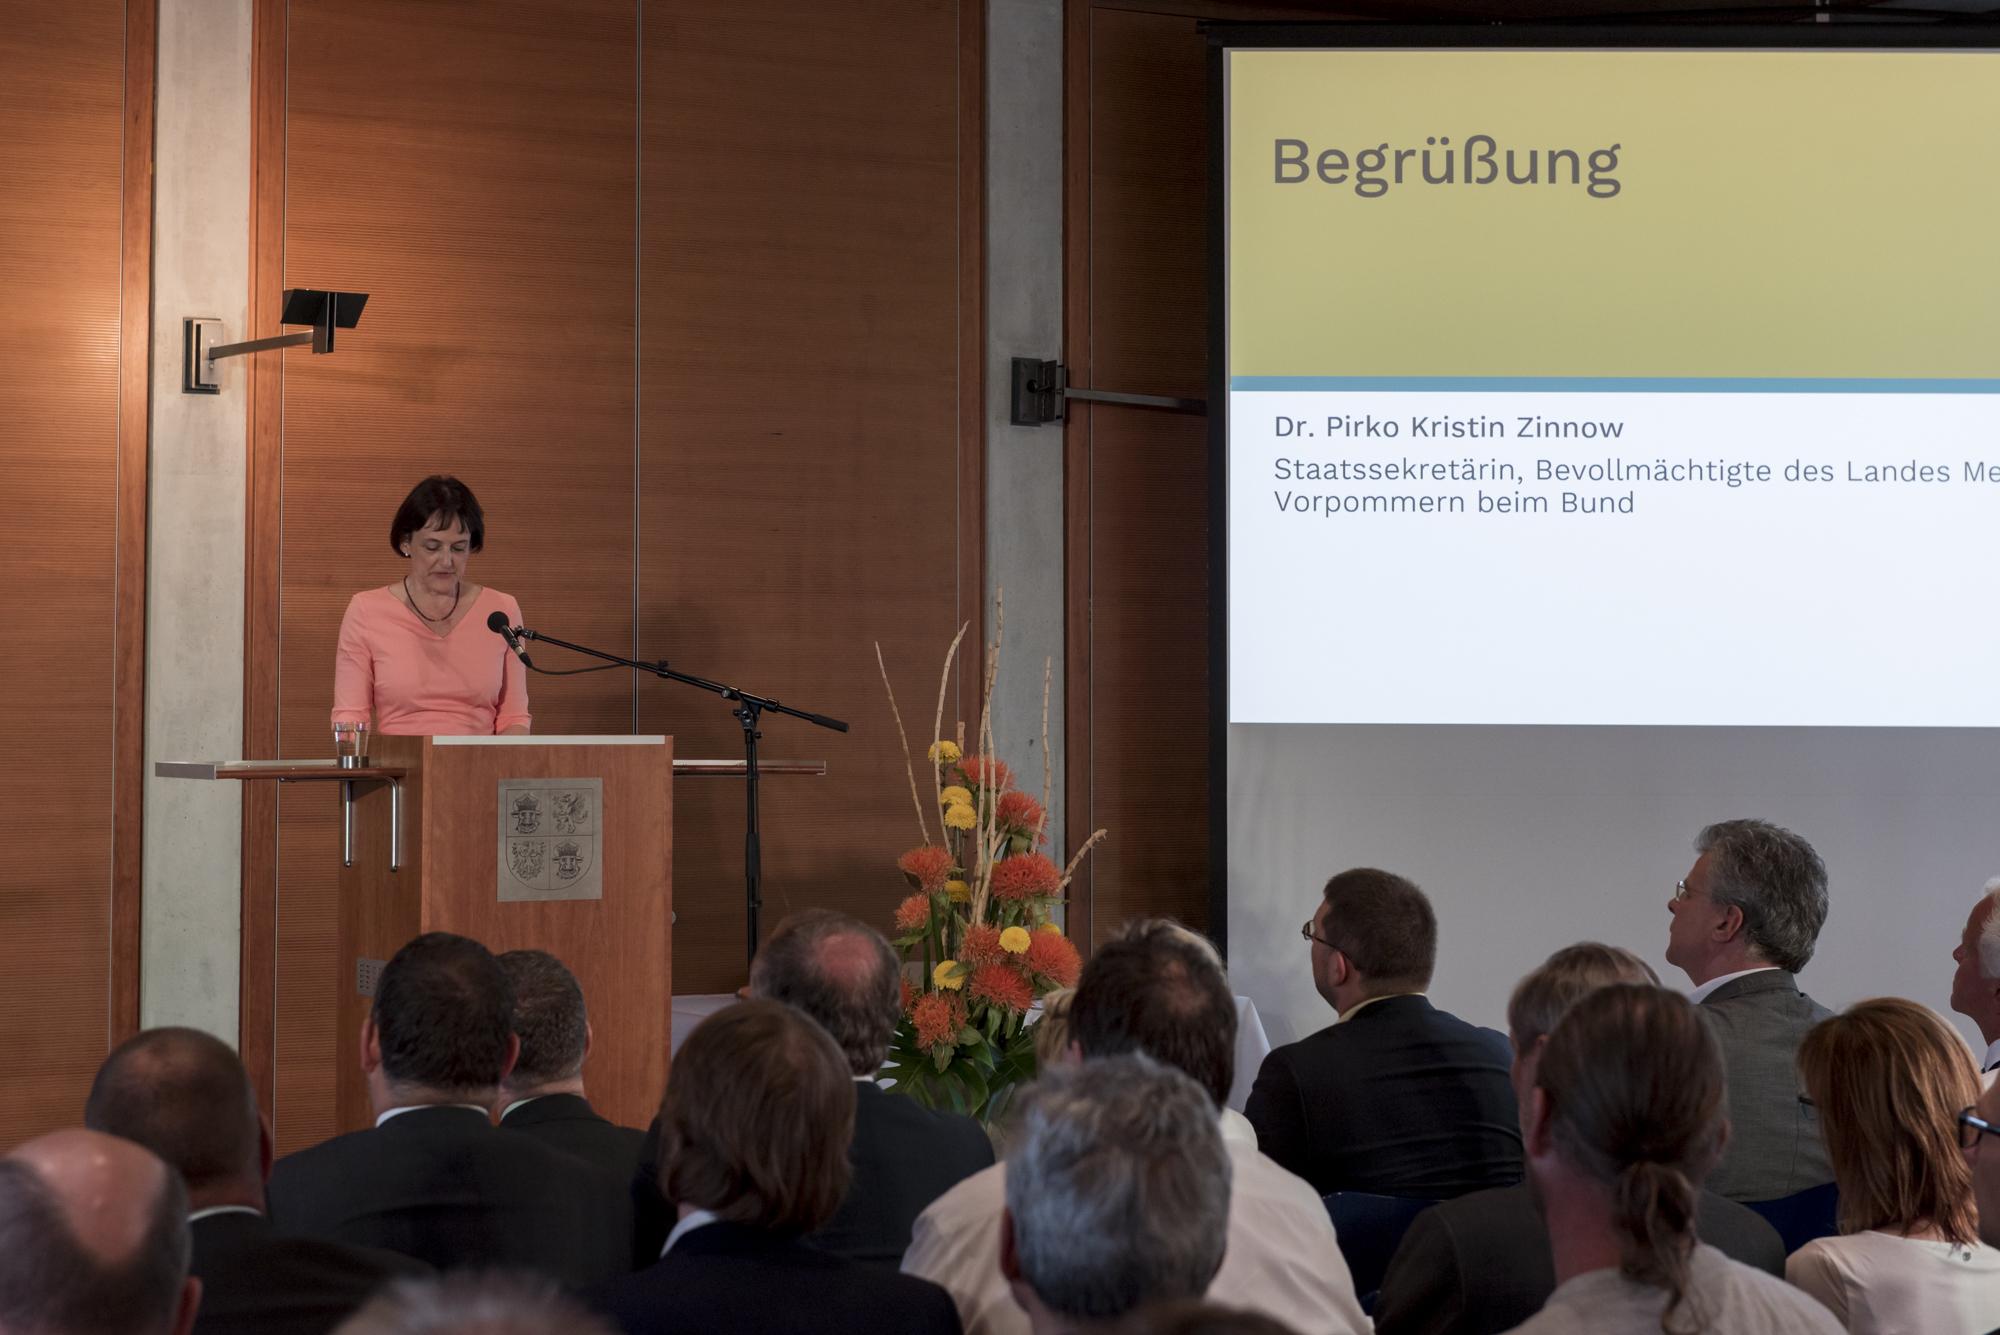 Dr. Pirko Kristin Zinnow, Staatssekretärin, Bevollmächtigte des Landes Mecklenburg-Vorpommern beim Bund © DUK/Christoph Löffler